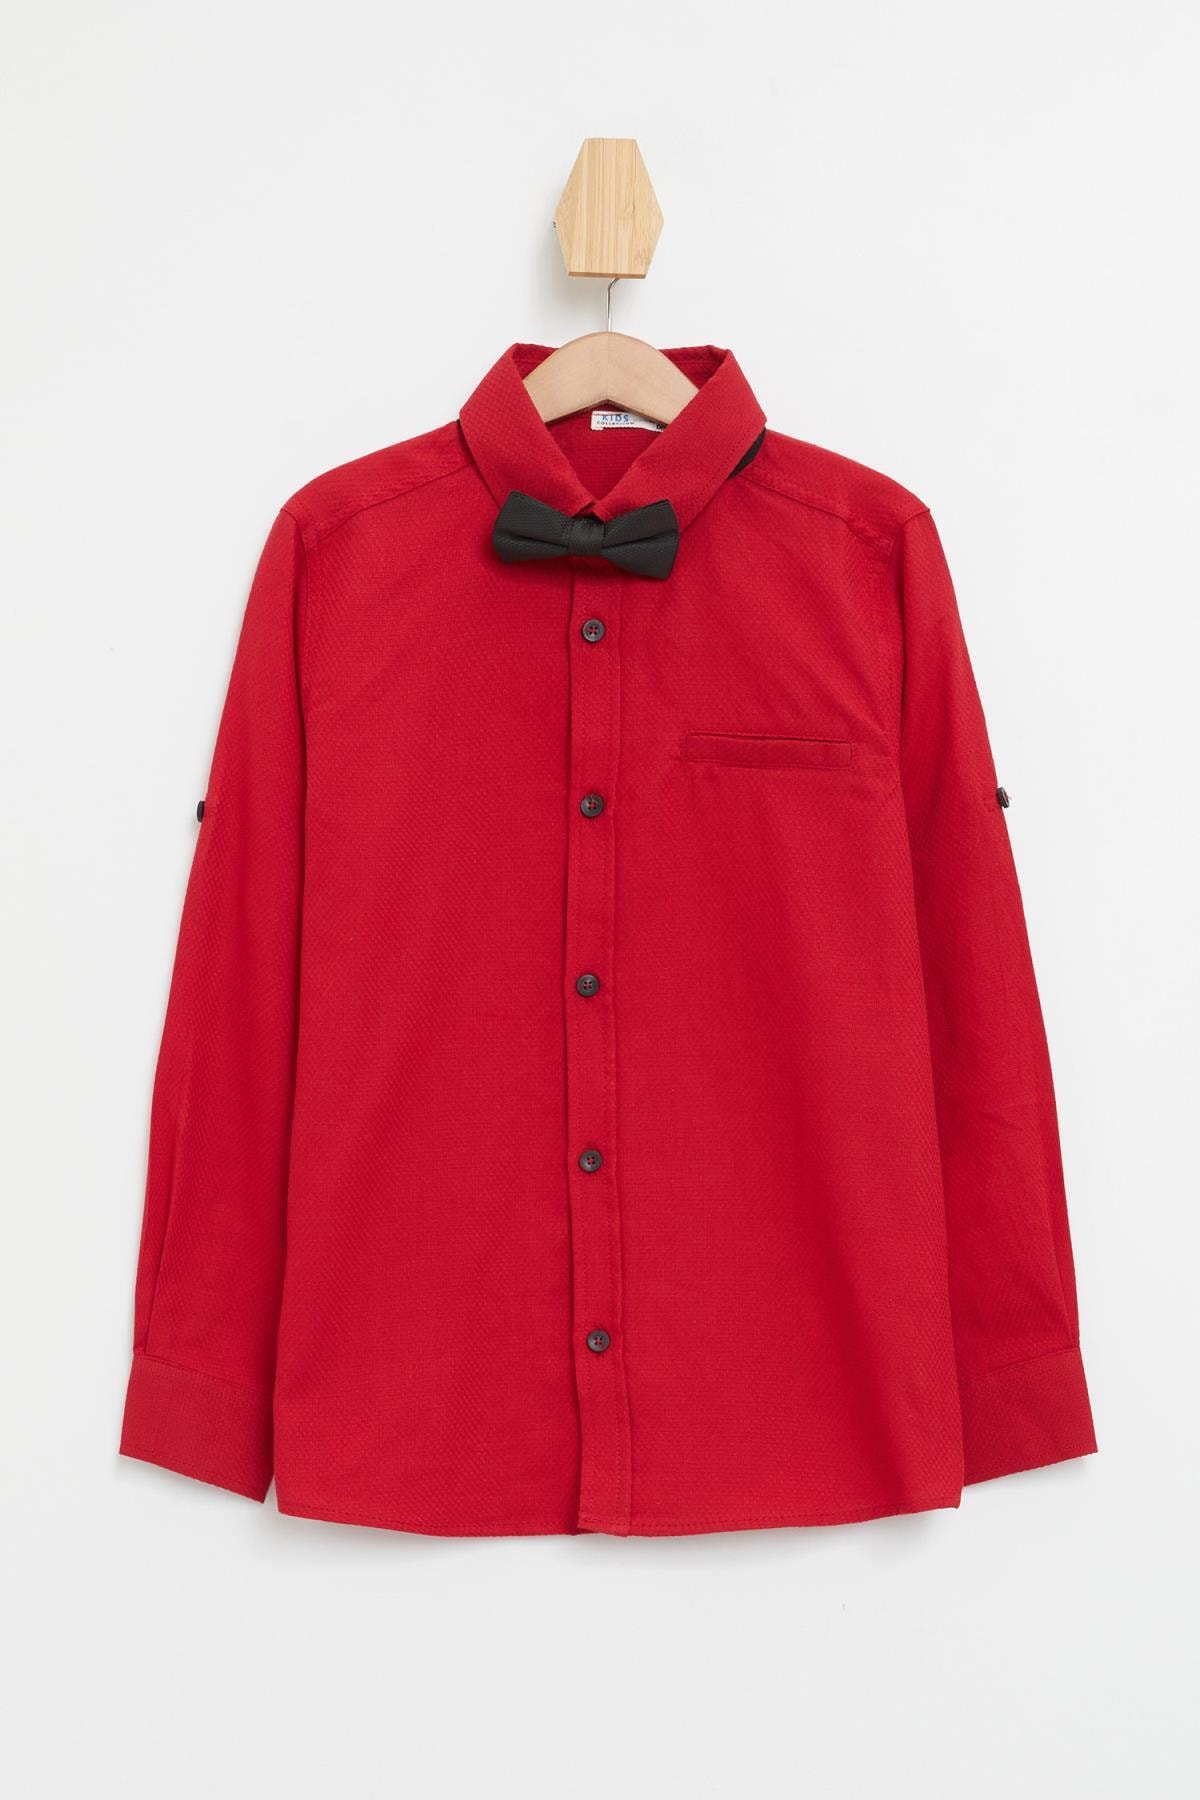 Defacto Erkek Çocuk Papyonlu Pamuklu Kolları Katlanabilir Gömlek 4